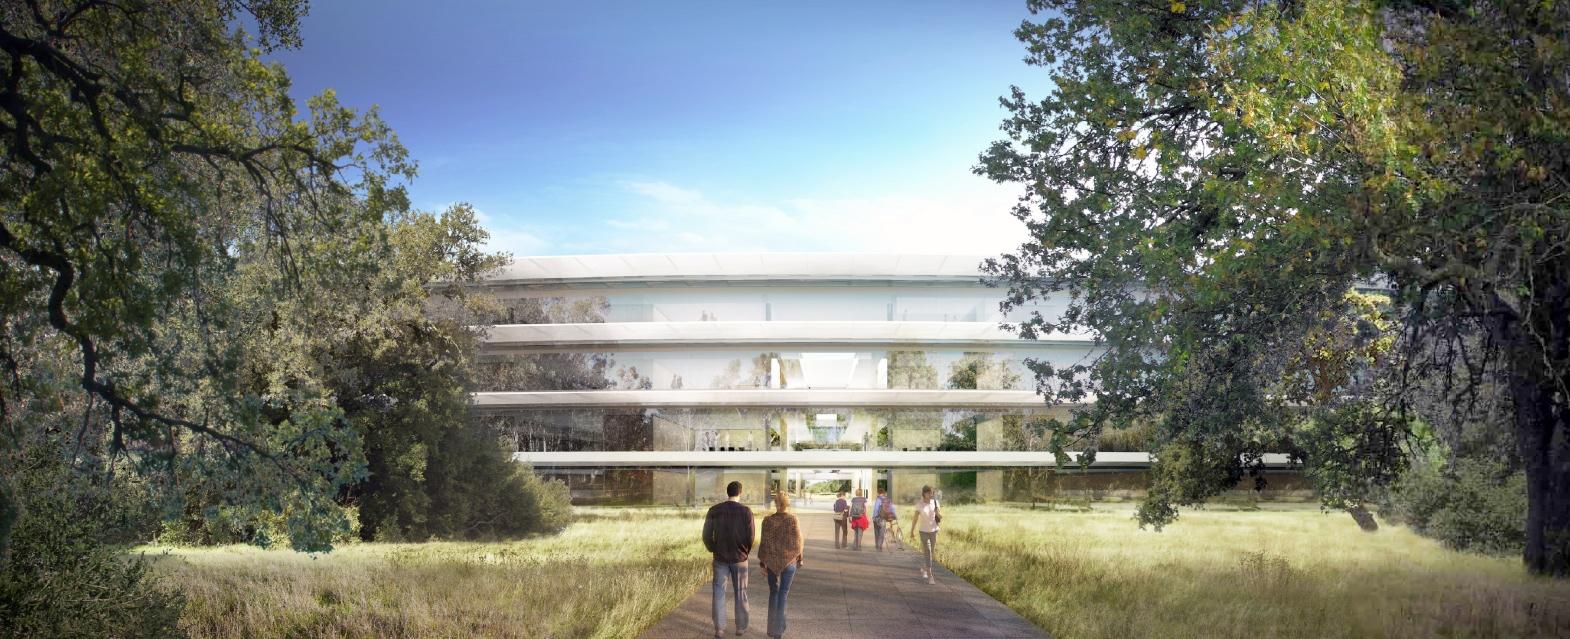 Raumschiffdesign: Details zu Apples neuer Firmenzentrale - Apple Campus 2 (Bild: Apple/Cupertino.org/Foster + Partners)